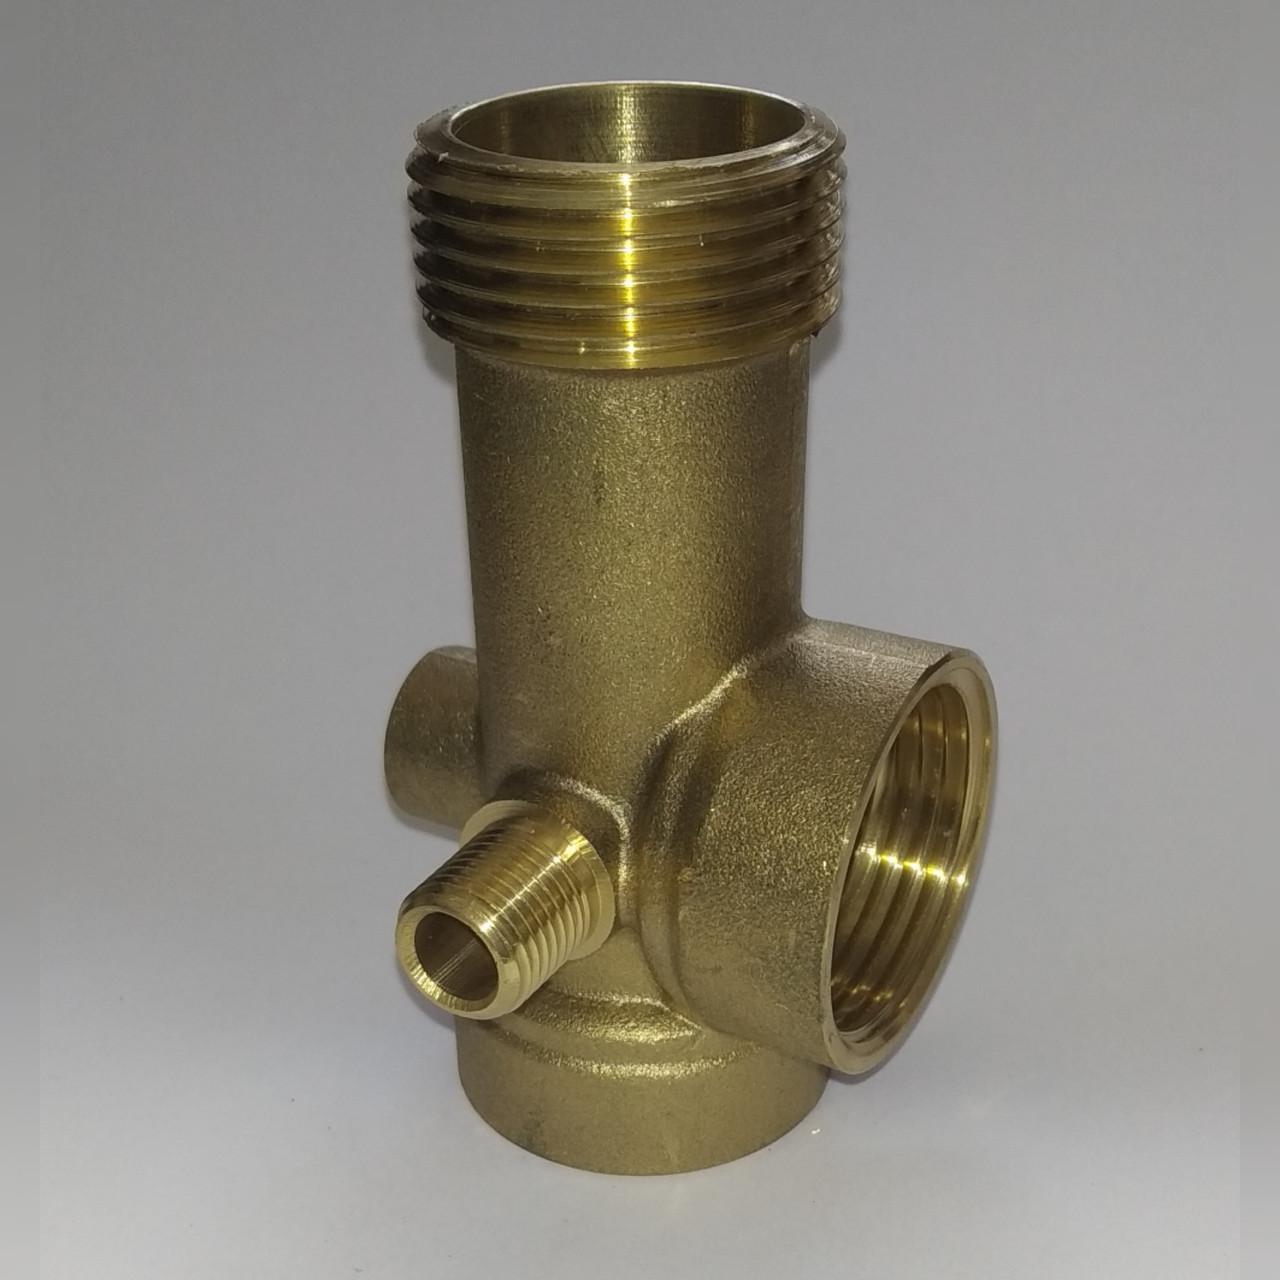 Пятерник 9 см для систем водоснабжения